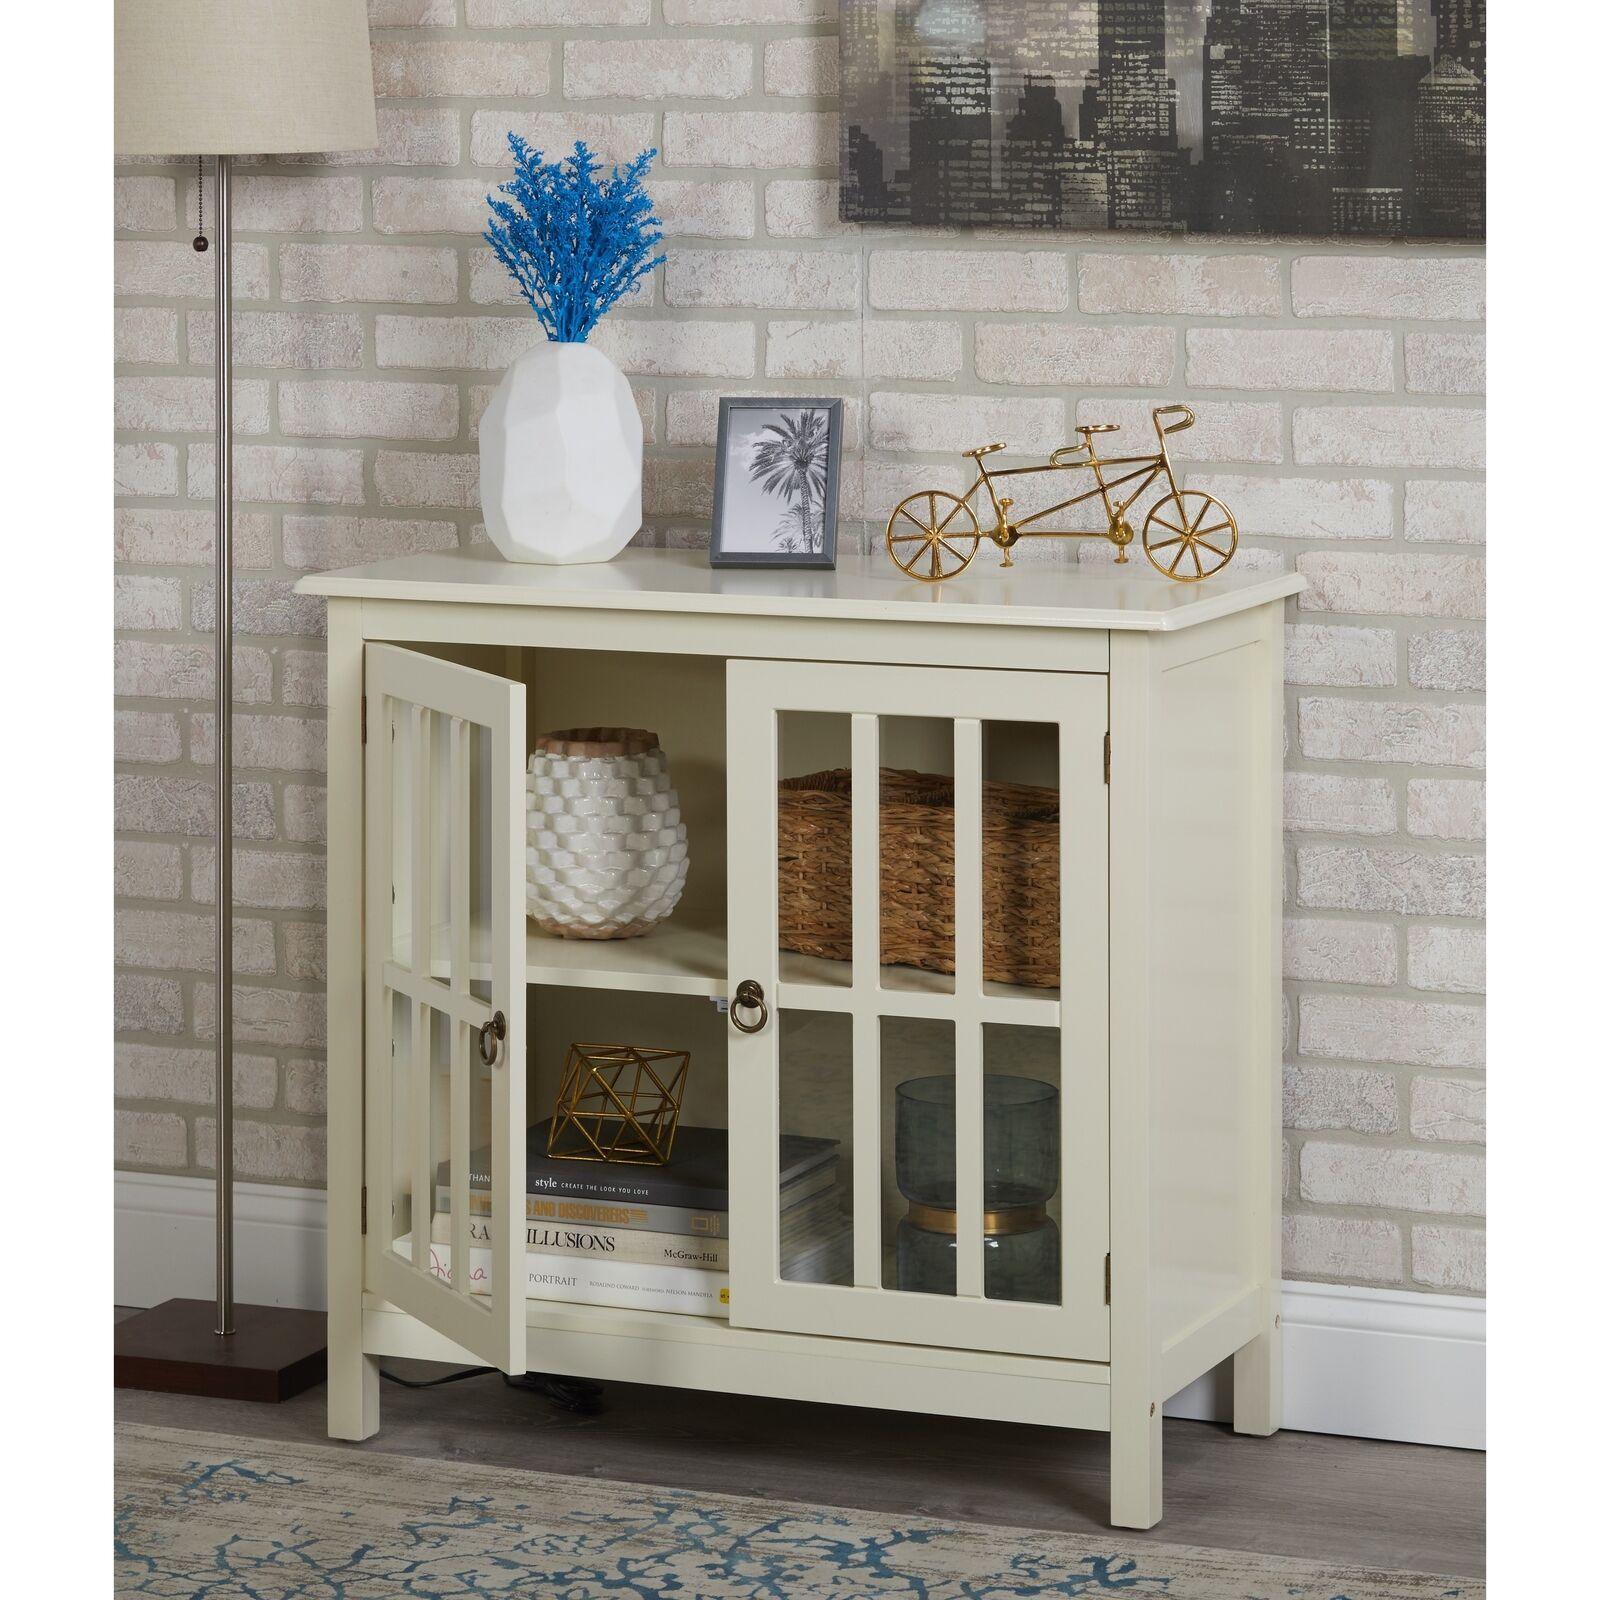 Small Glass Door Cabinet Display Antique White Wood 2 Door 2 Shelf